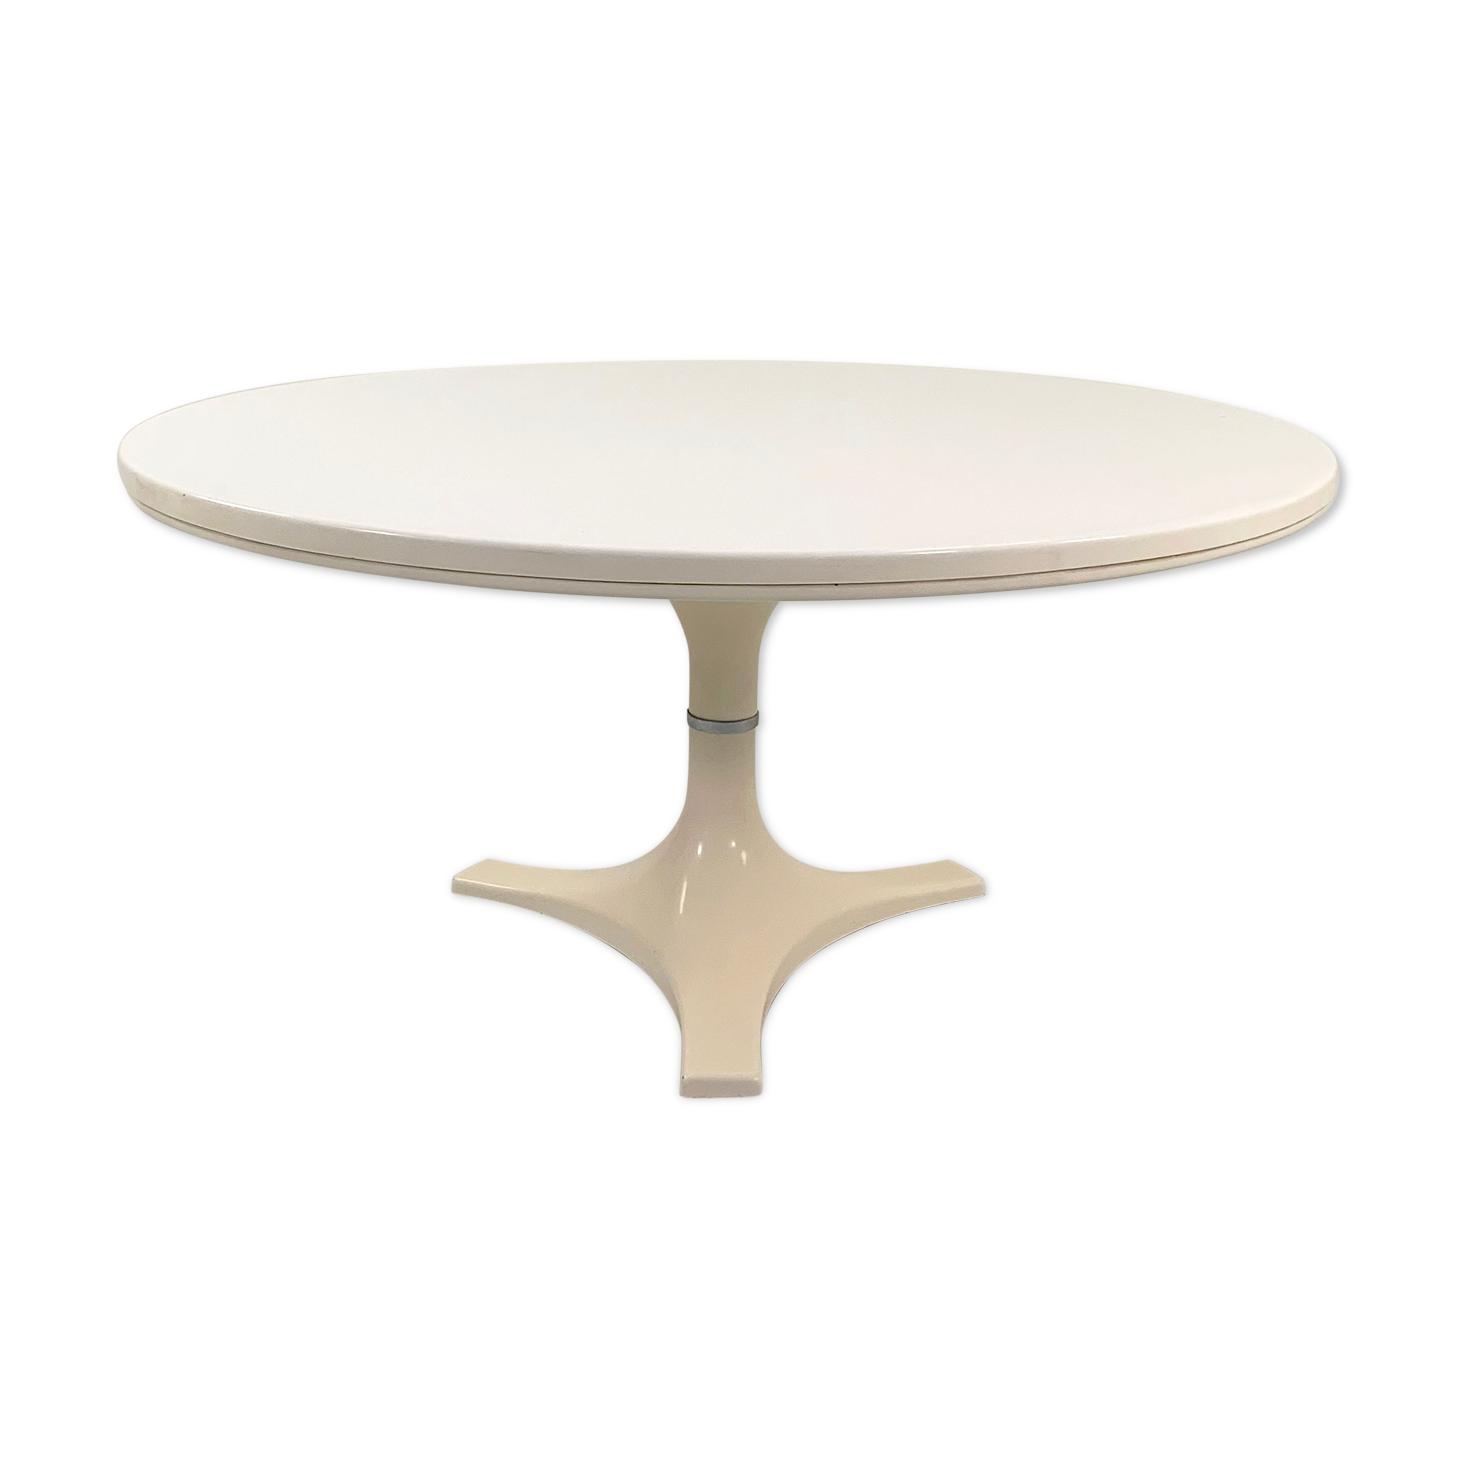 Table à manger Modèle 4997 150cm par Anna Castelli Ferrieri & Ignazio Gardella pour Kartell, 1960s